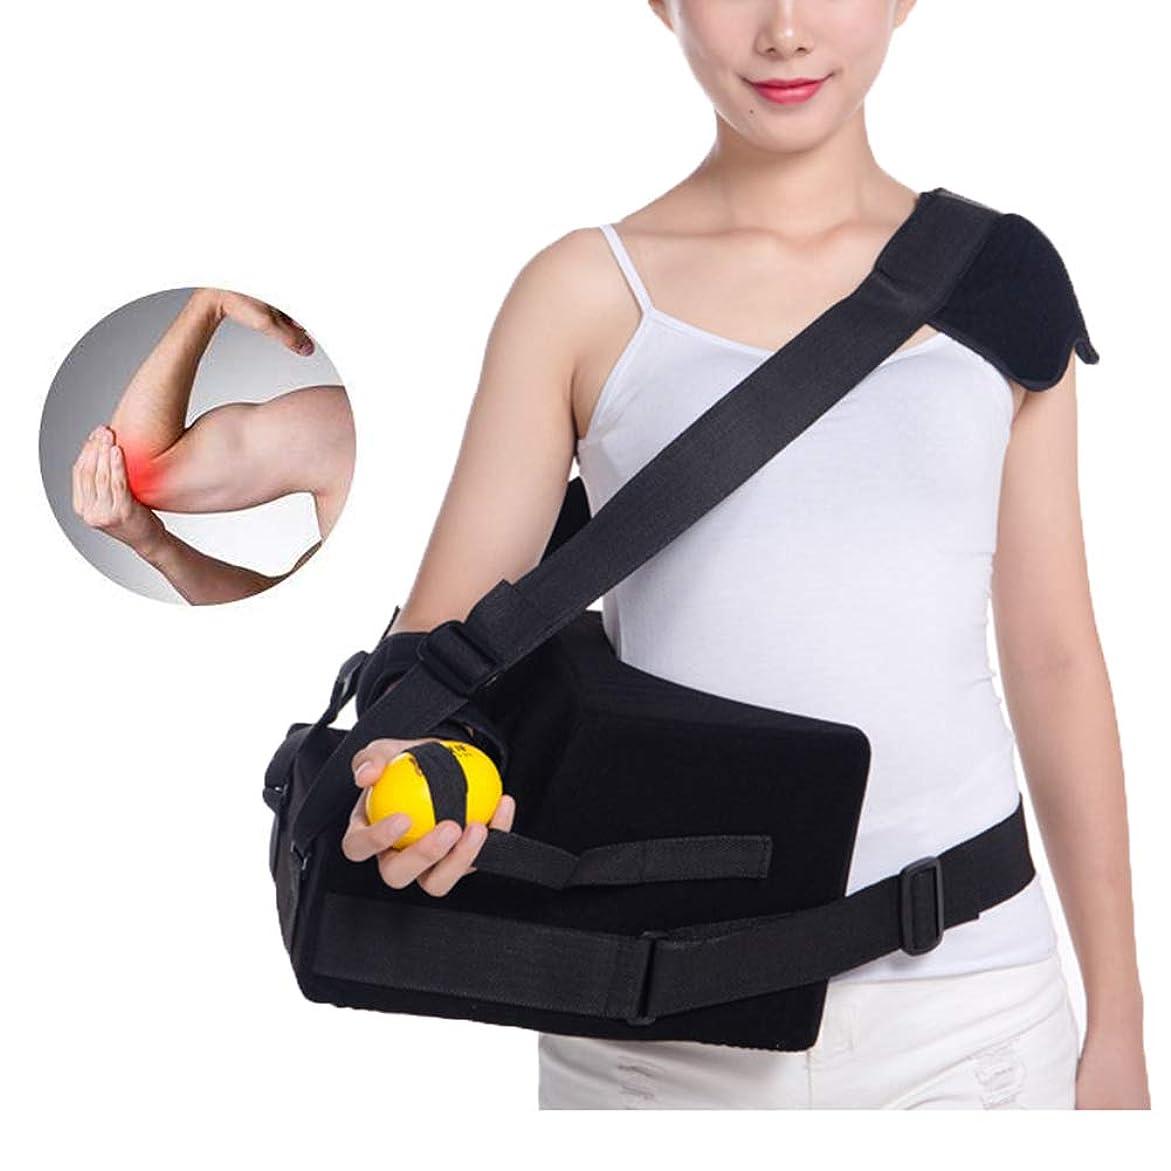 推進グリル白い腕のスリングの肘サポートブレース肩外転ベルト骨折、腕の骨折、手首、肘、肩のけがの軽減とサポート、ワンサイズ - ユニセックス